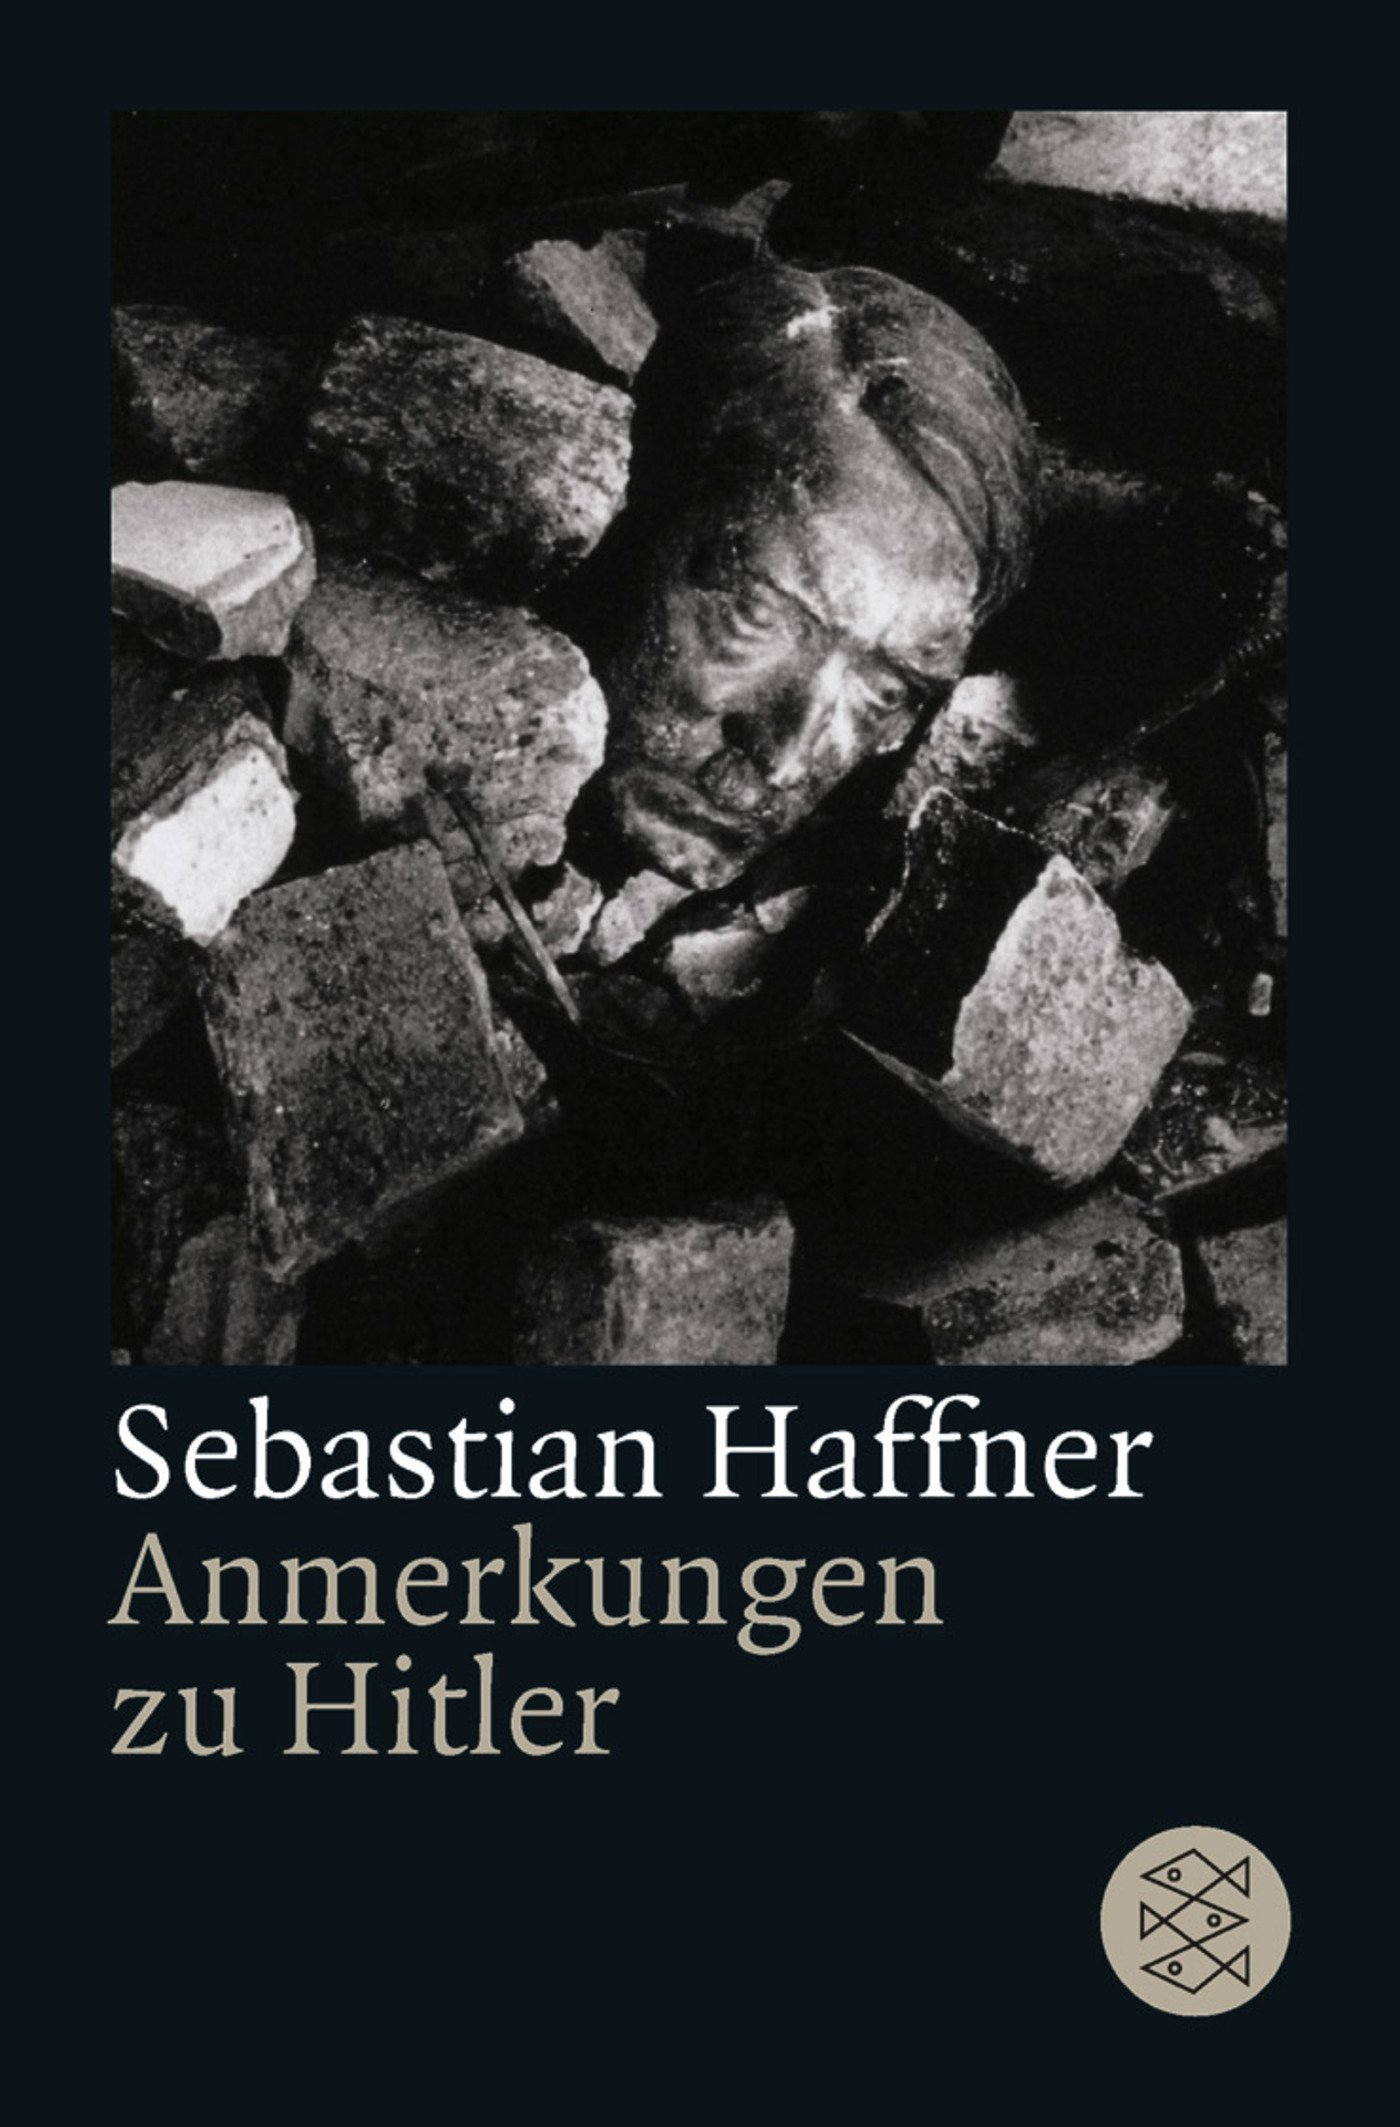 Anmerkungen zu Hitler. Taschenbuch – 1. März 1981 Sebastian Haffner FISCHER Taschenbuch 3596234891 Geschichte / 20. Jahrhundert